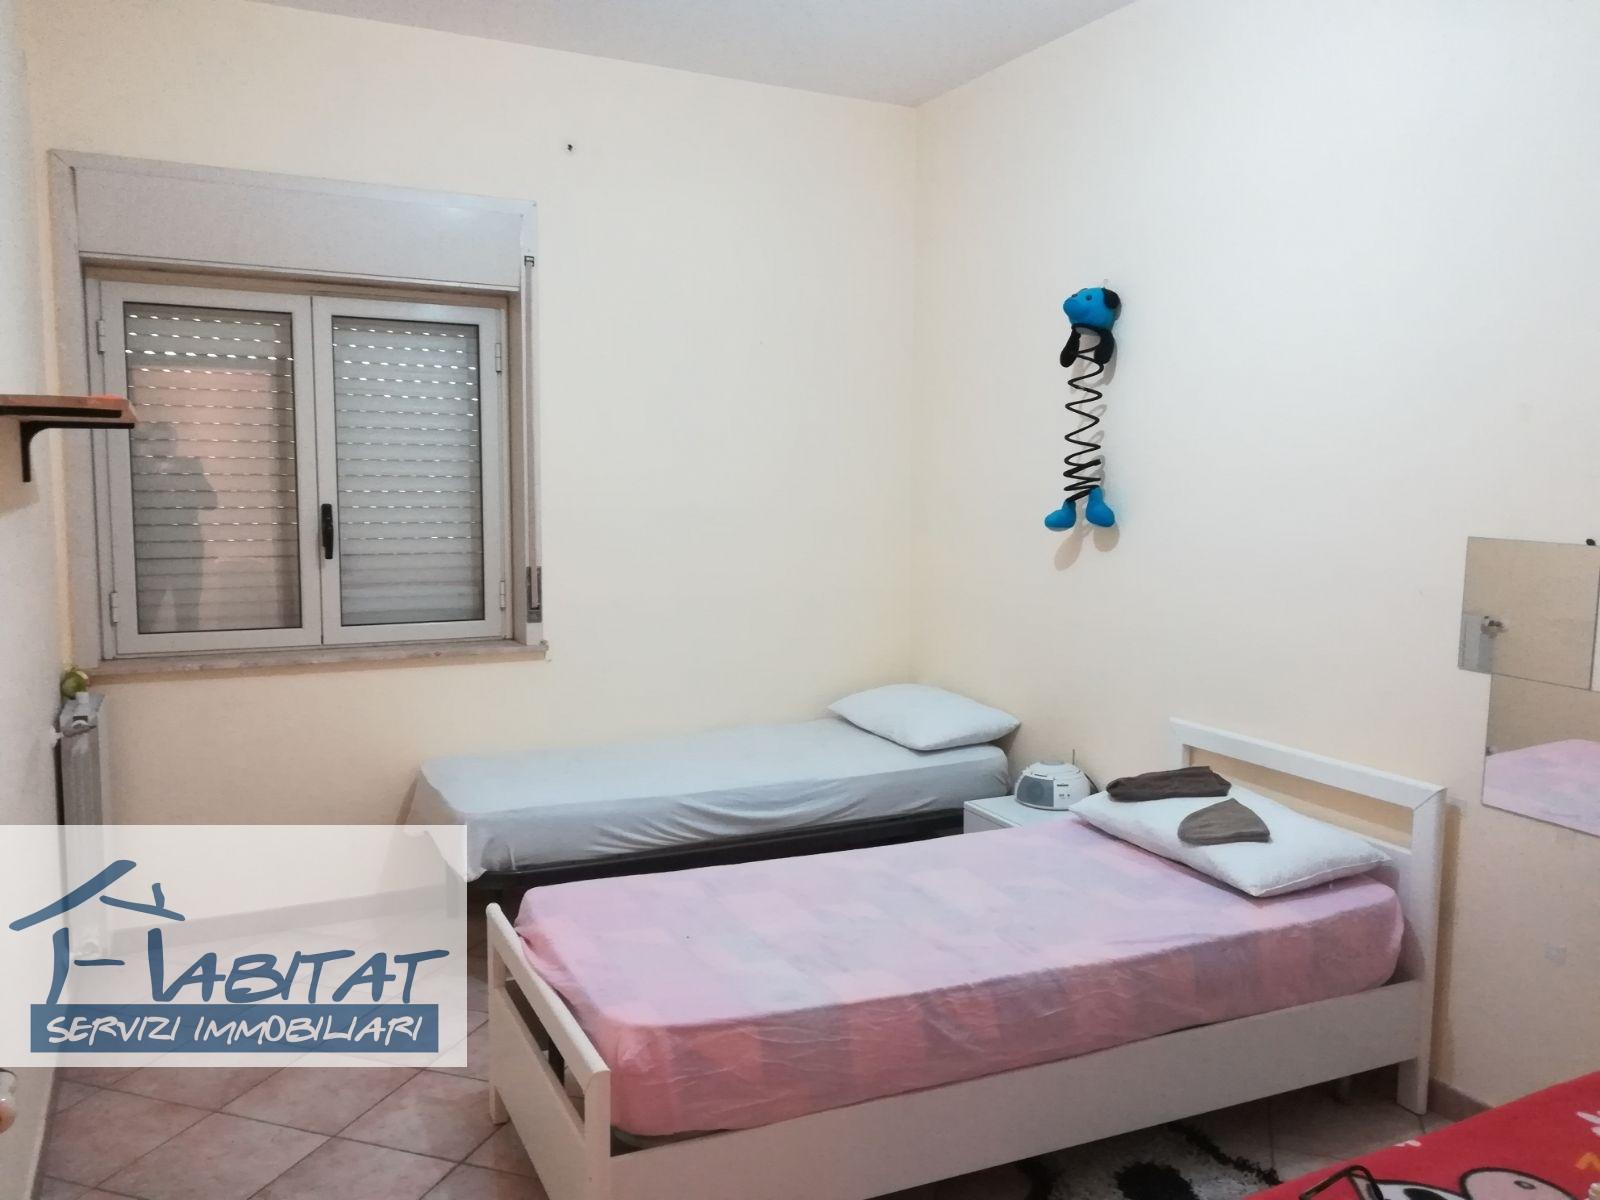 Appartamento in vendita Sangiusippuzzo Agrigento